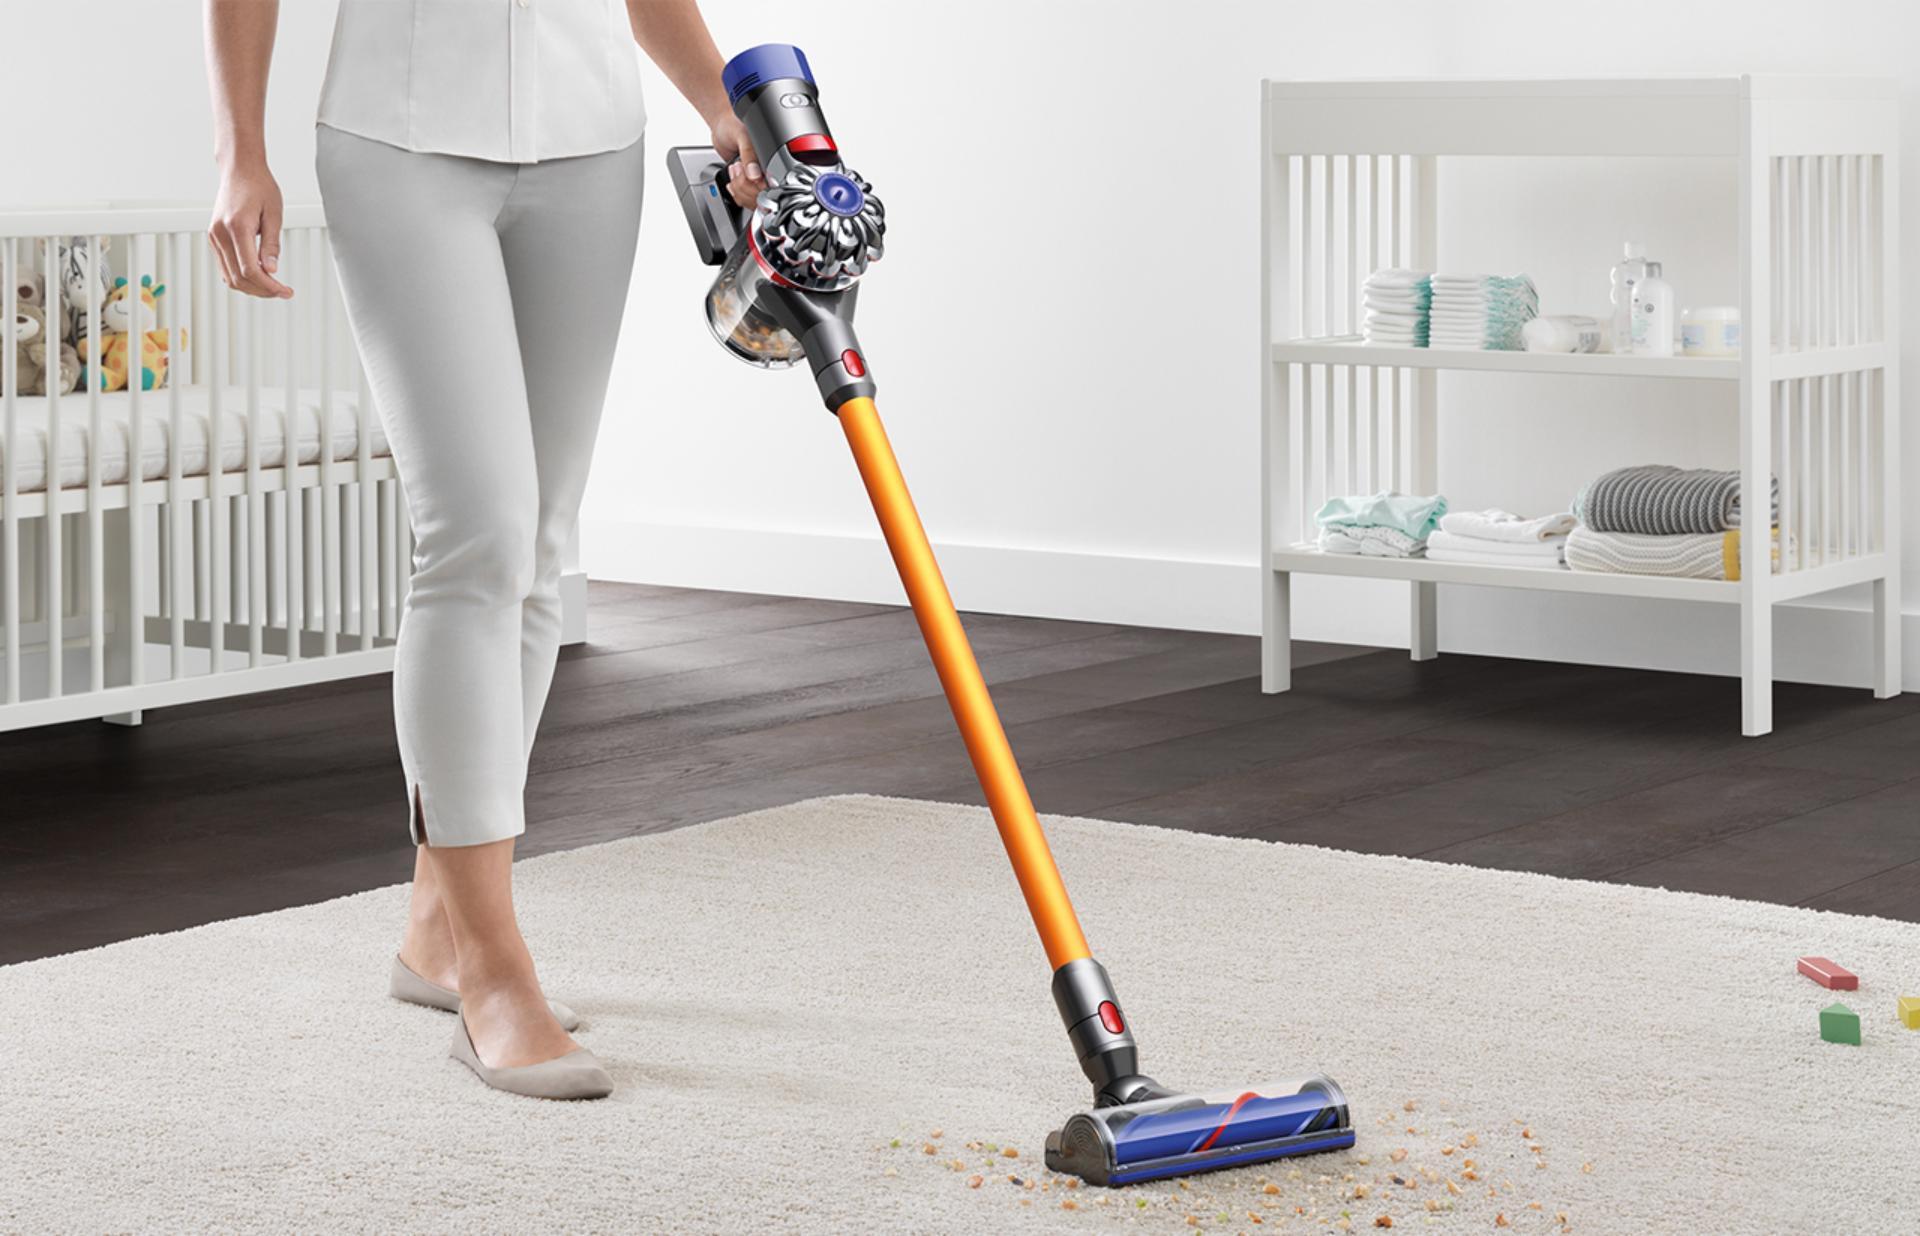 Aspirare puternică pentru o curățare versatilă.